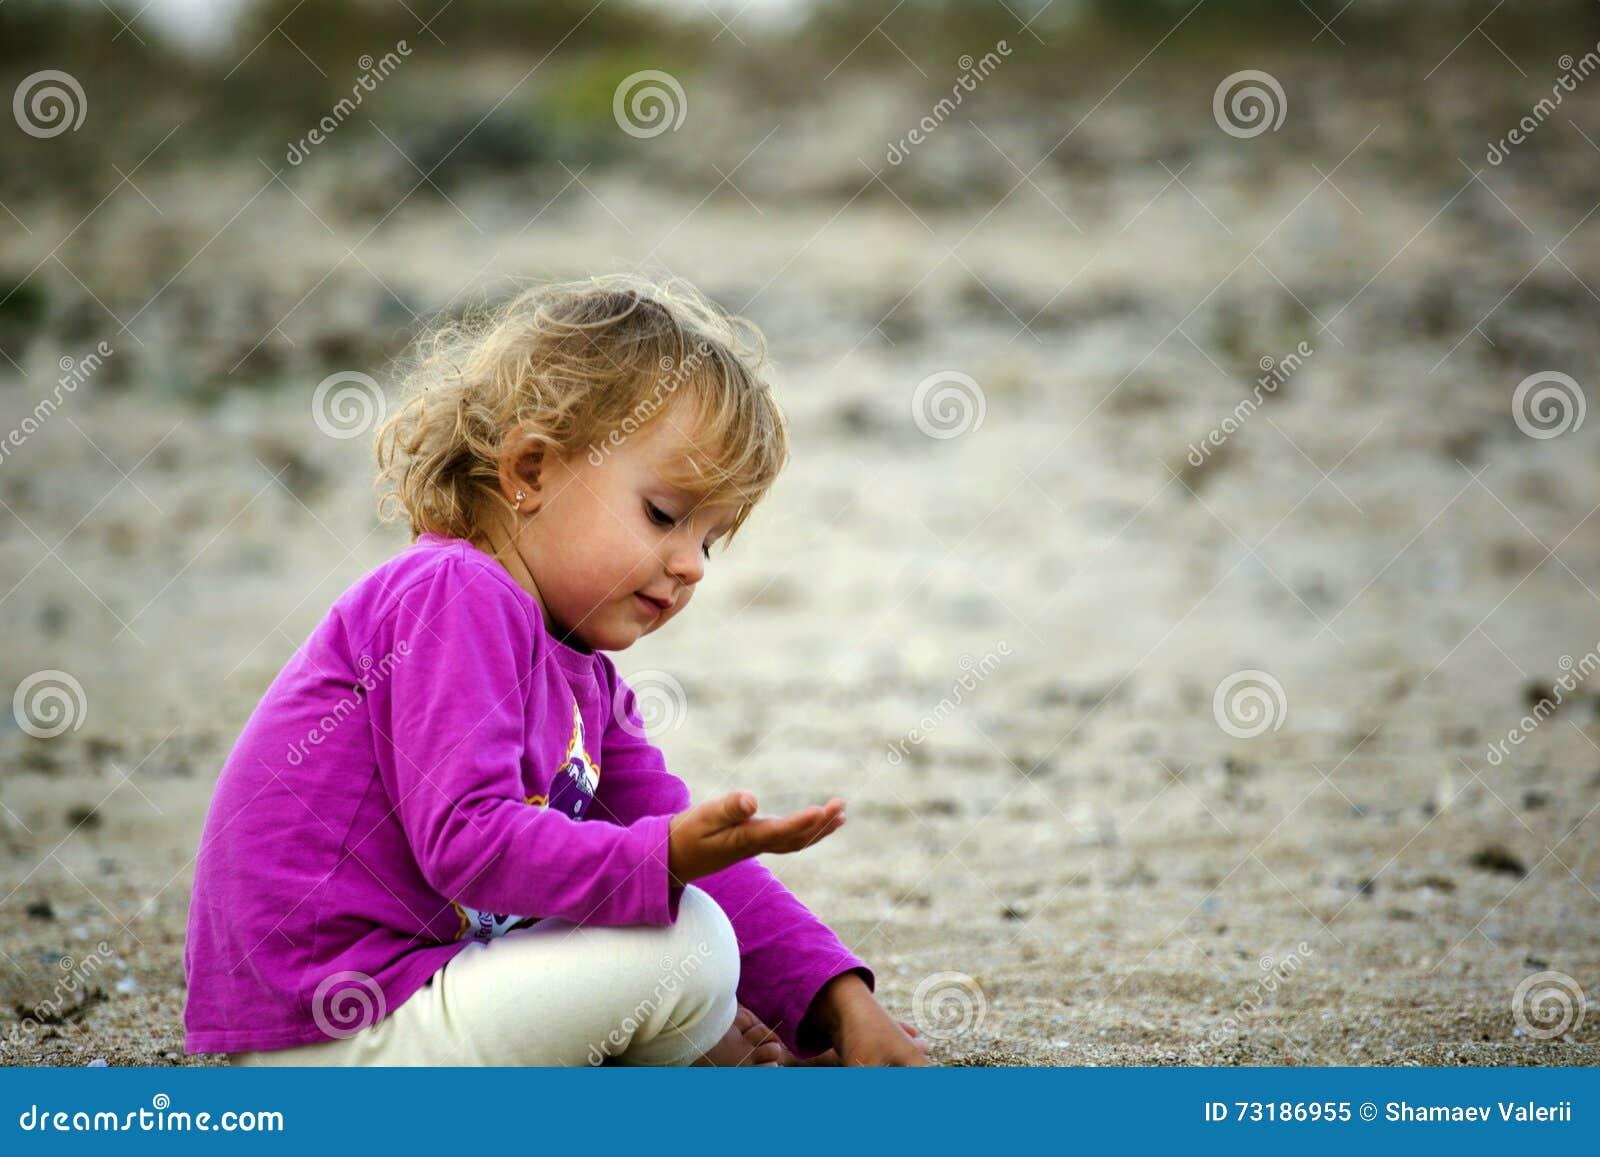 Grać w piasku